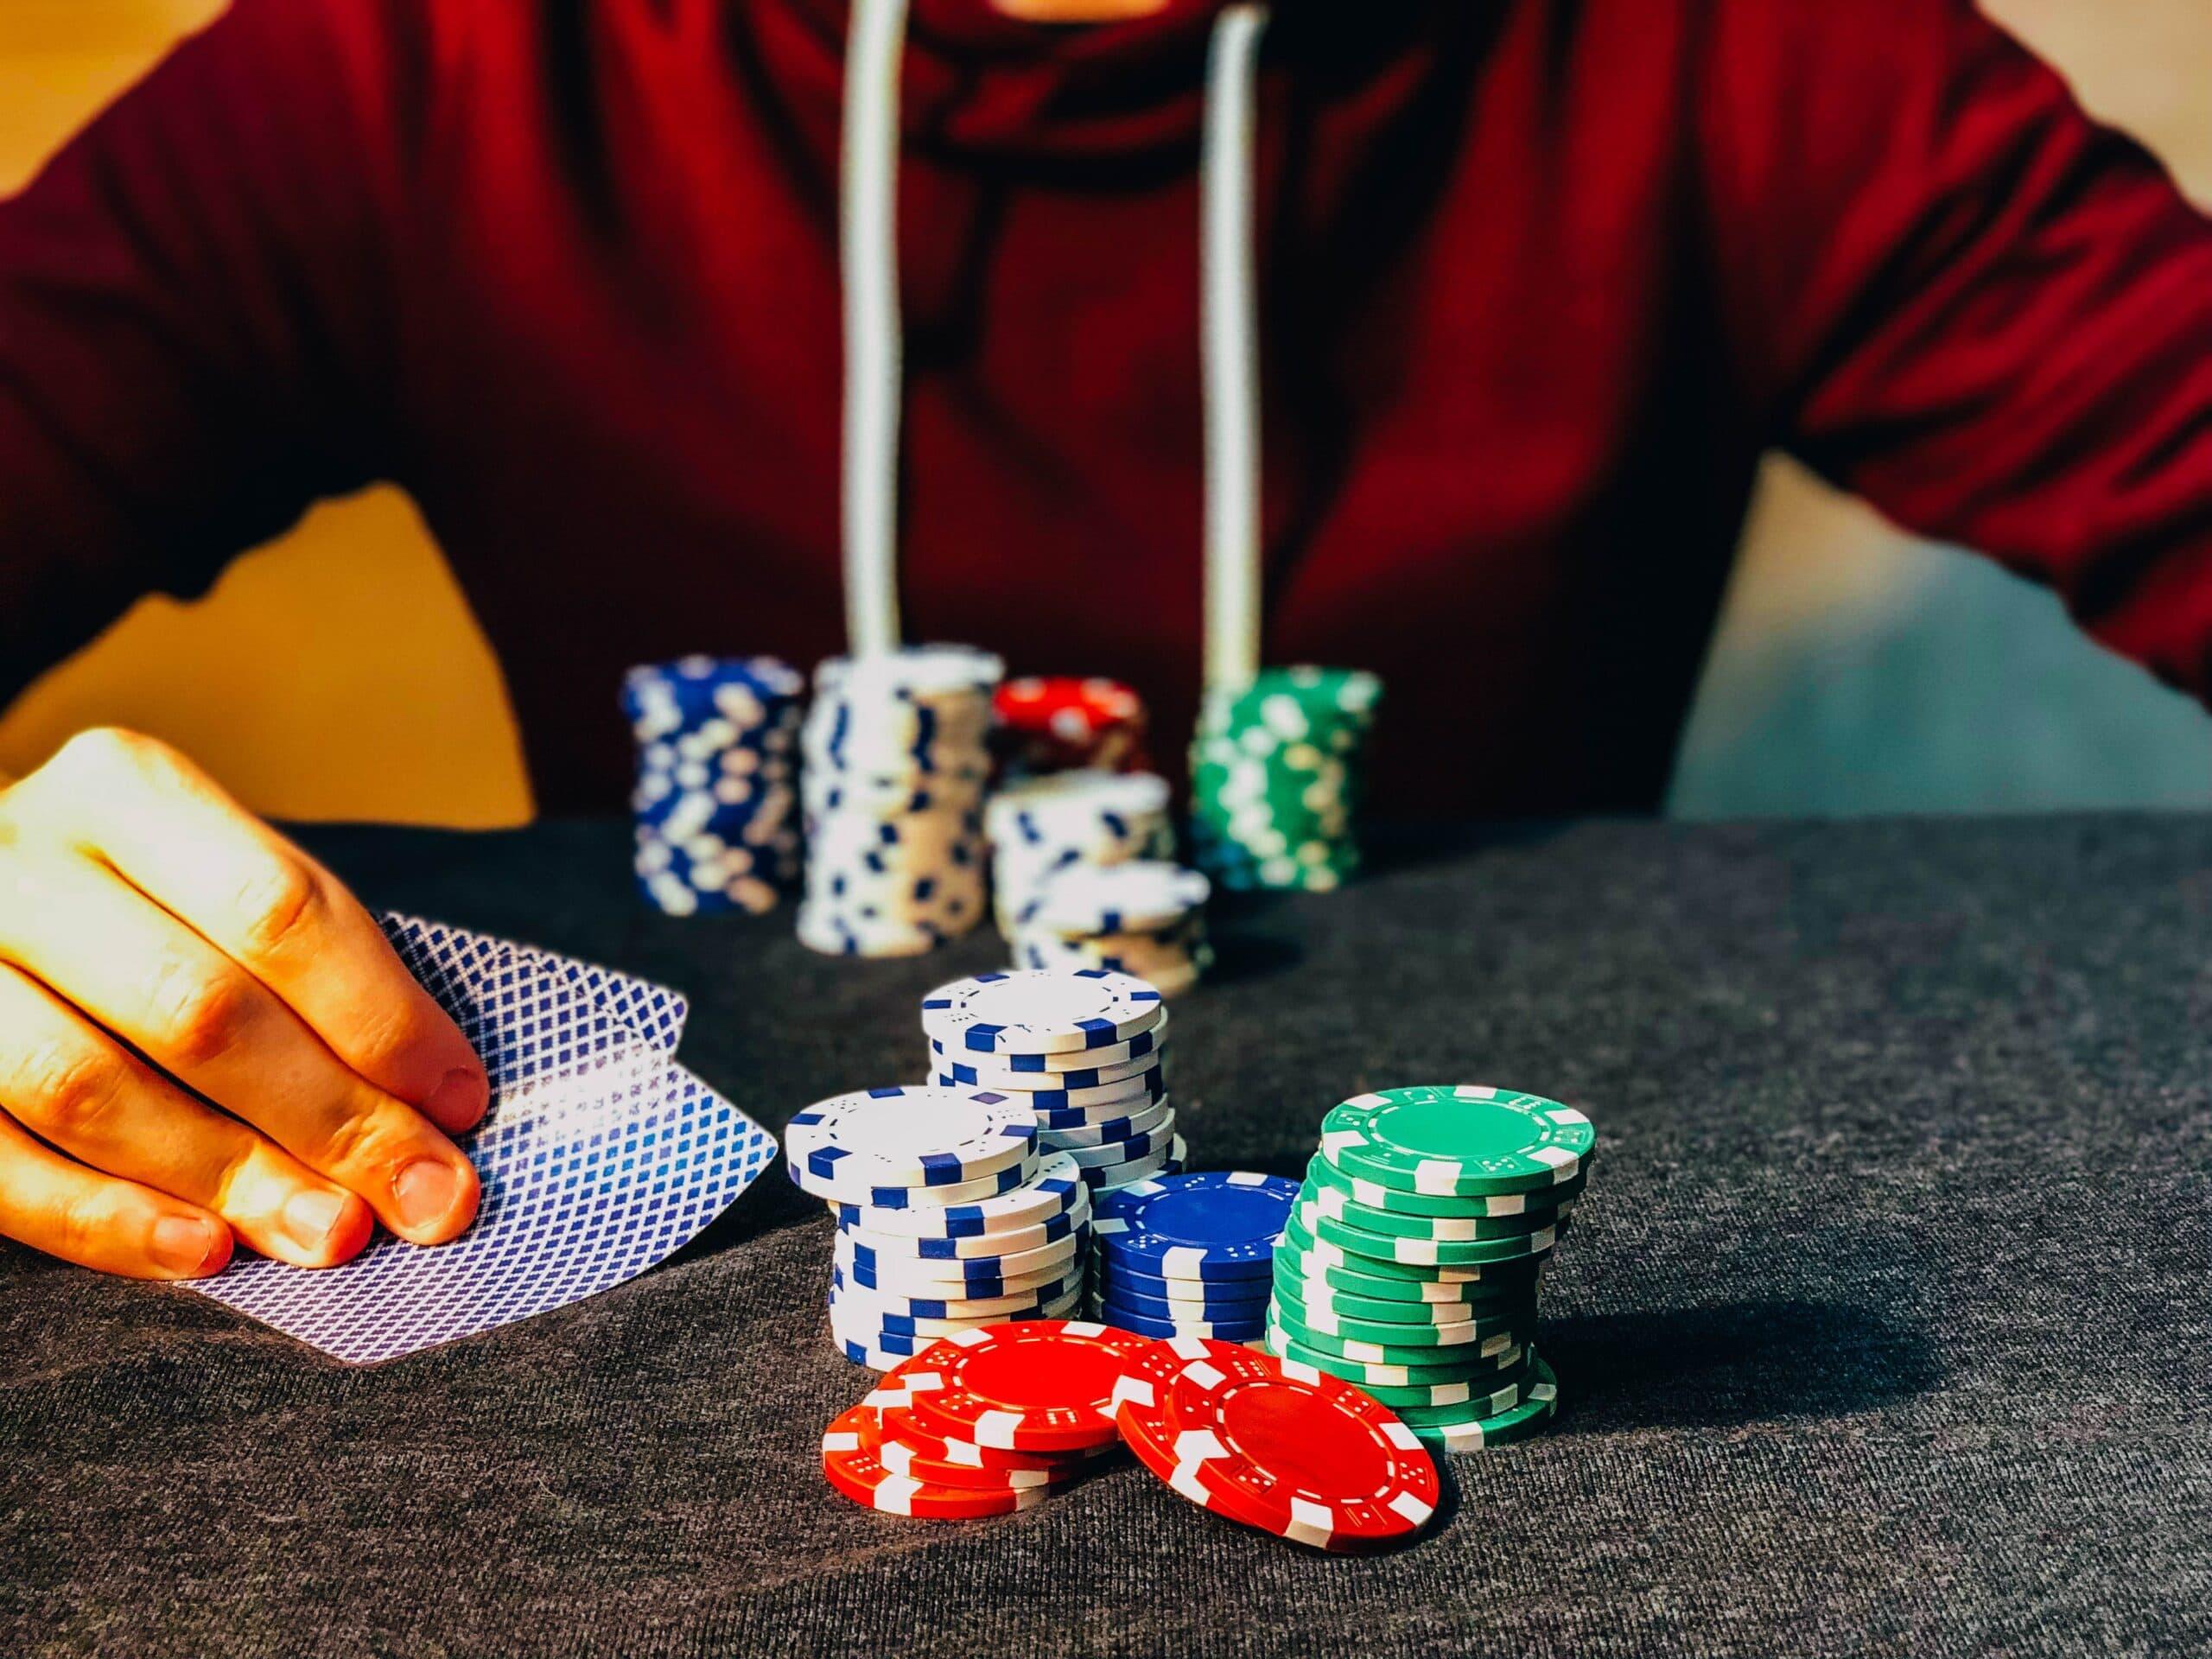 ポーカー ハンドレンジ